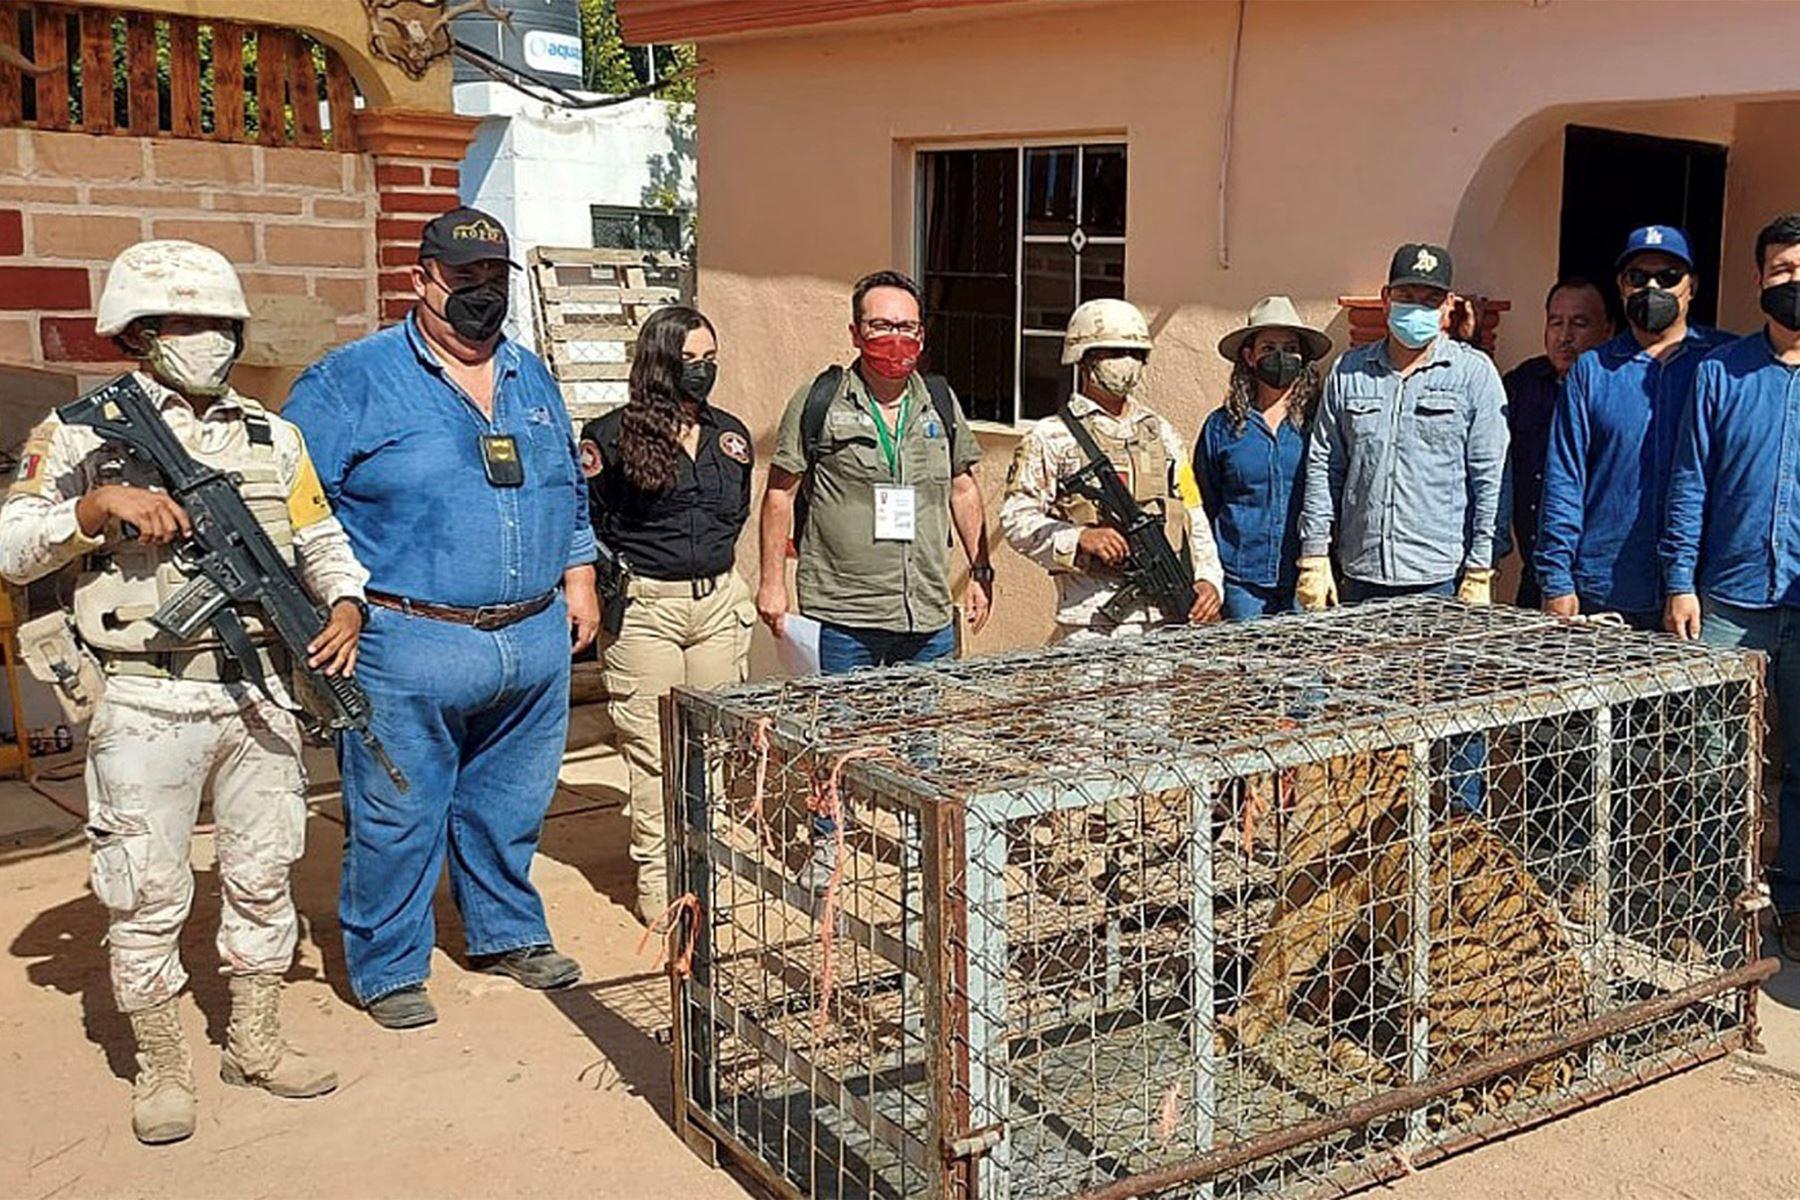 Agentes de la Guardia Nacional de México y de la Fiscalía aseguraron a una tigresa de Bengala durante un operativo de cateo en Sonora. Foto: EFE